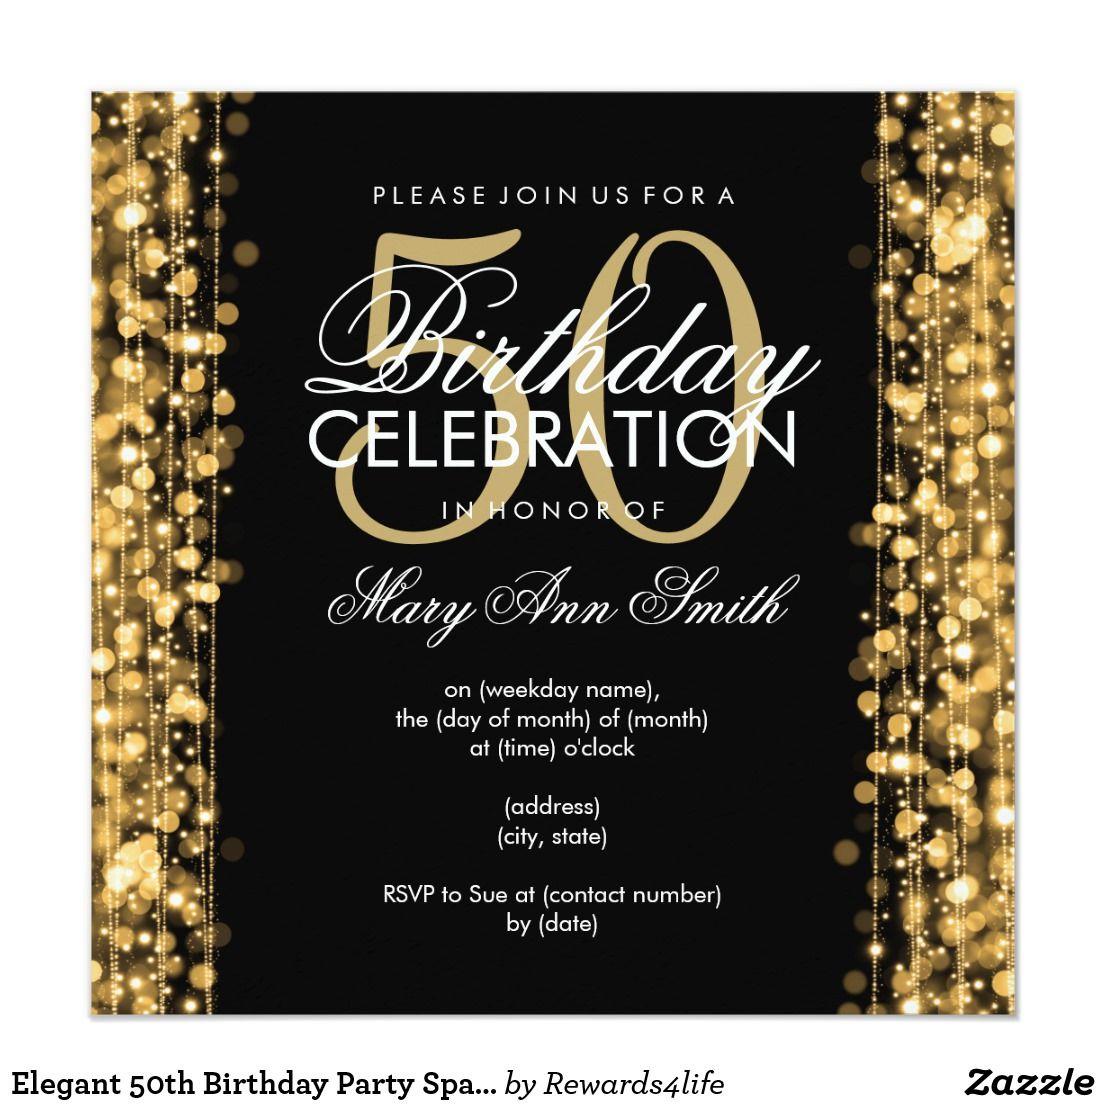 Elegant 50th Birthday Party Sparkles Gold Card Elegant 50th Birthday ...